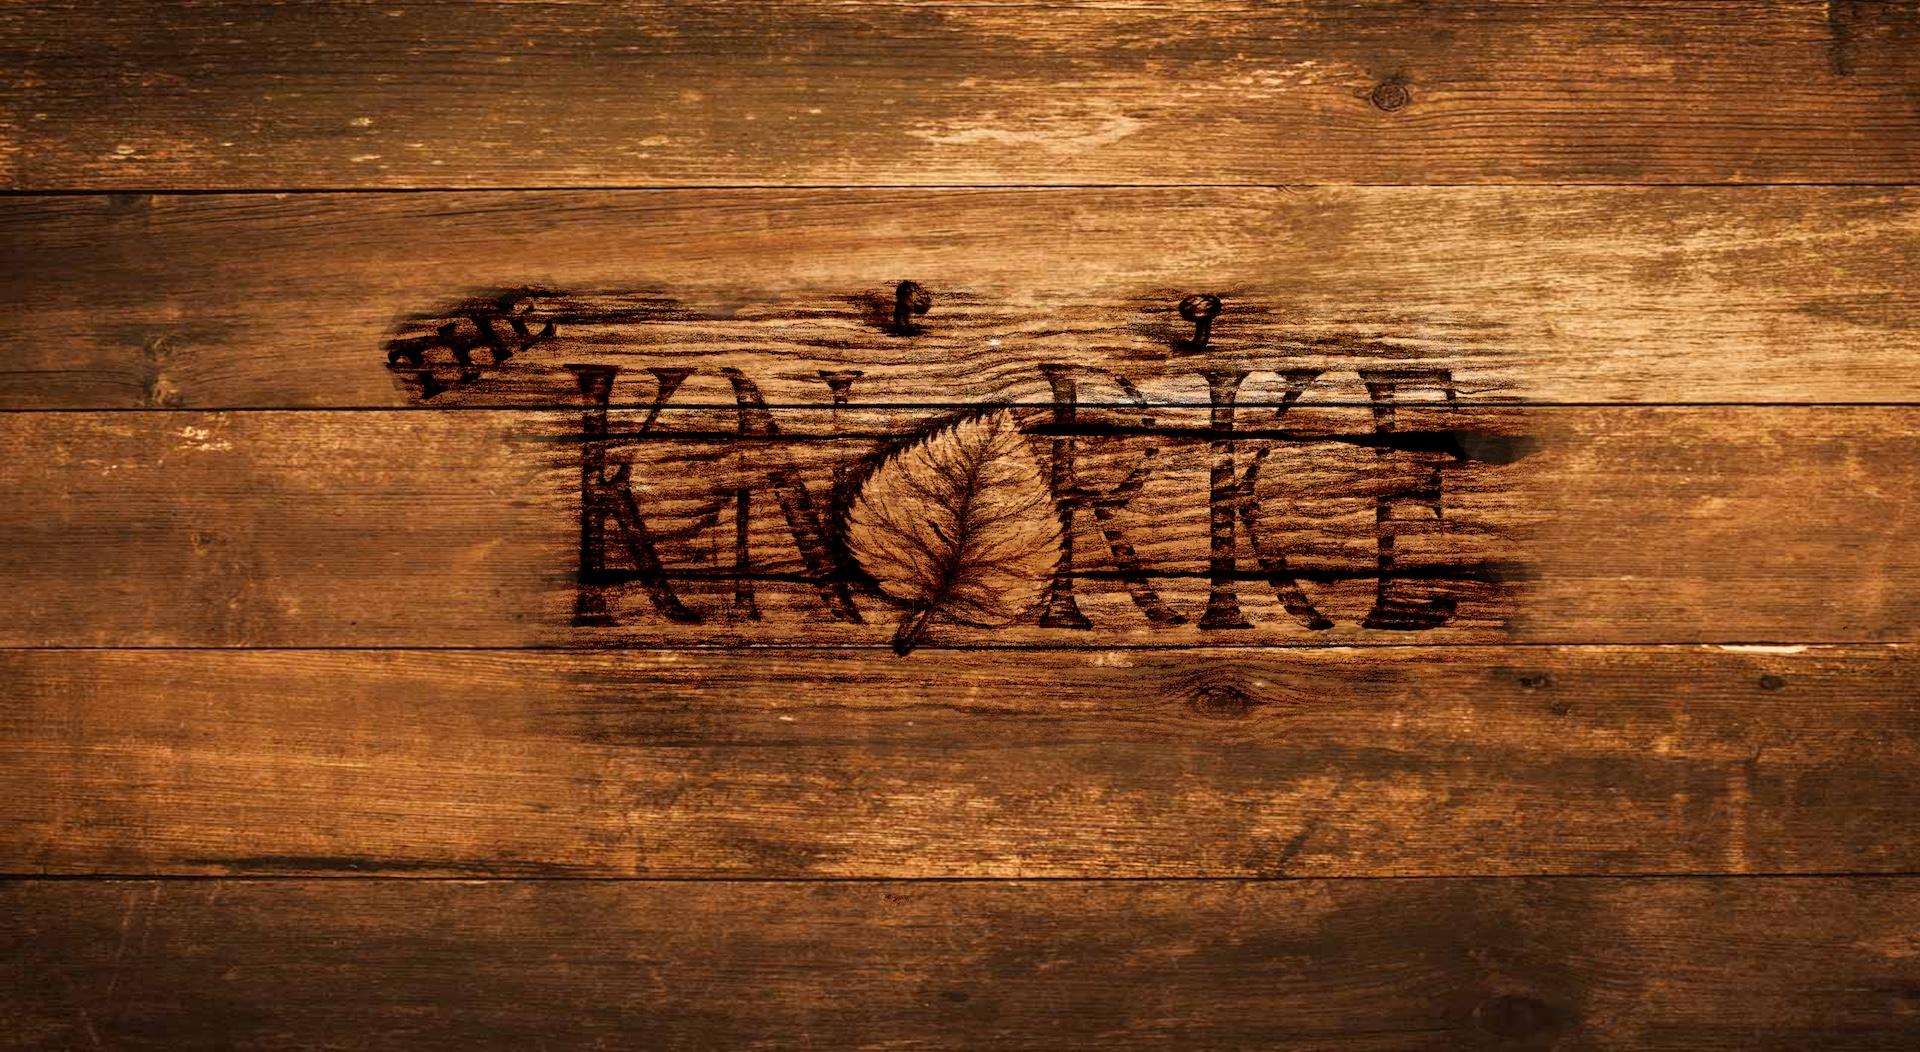 The Knorke Branding